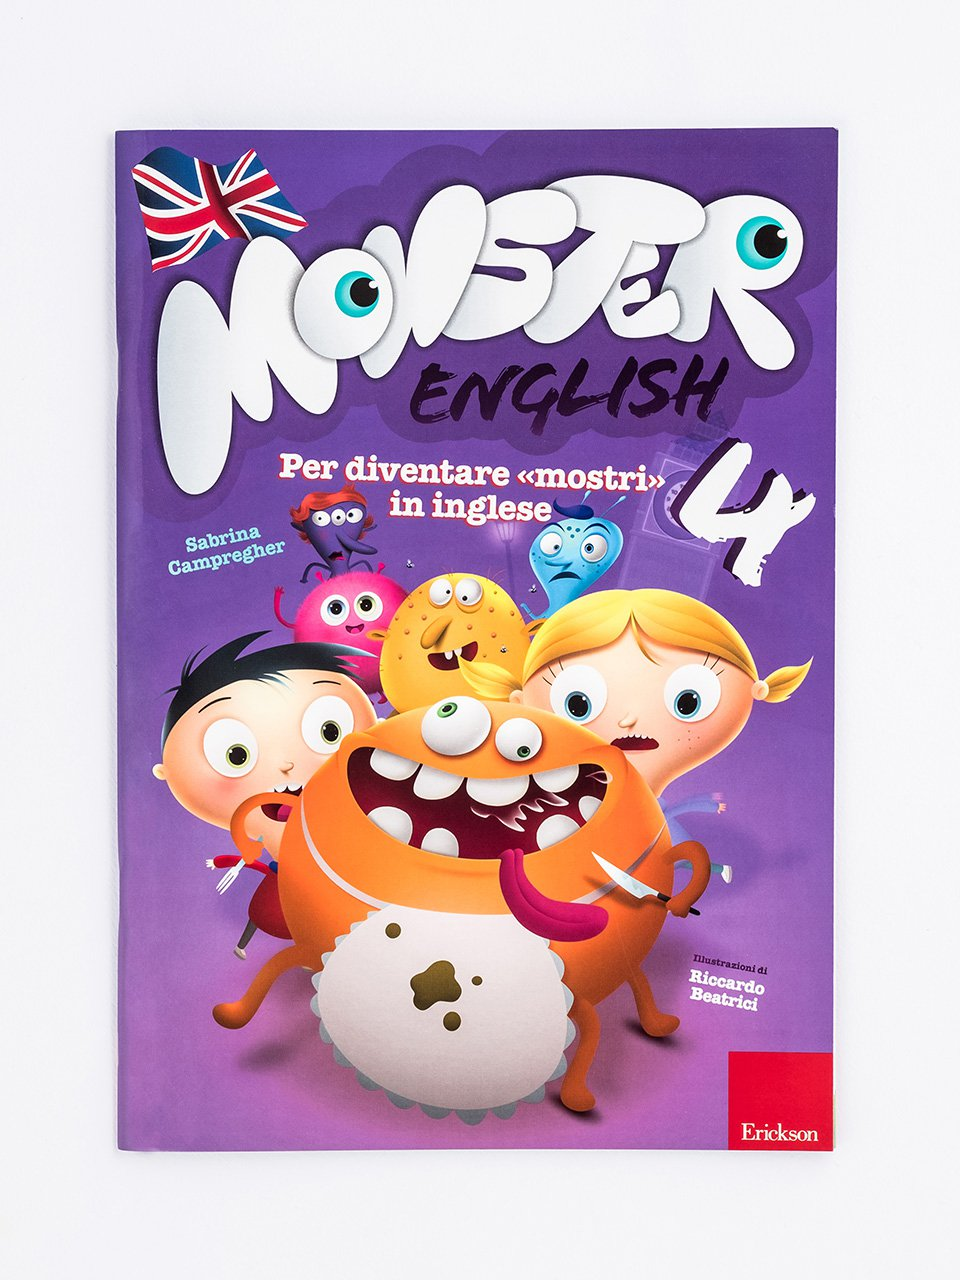 Monster English 4 - Le proposte Erickson per i compiti-delle-vacanze - Erickson